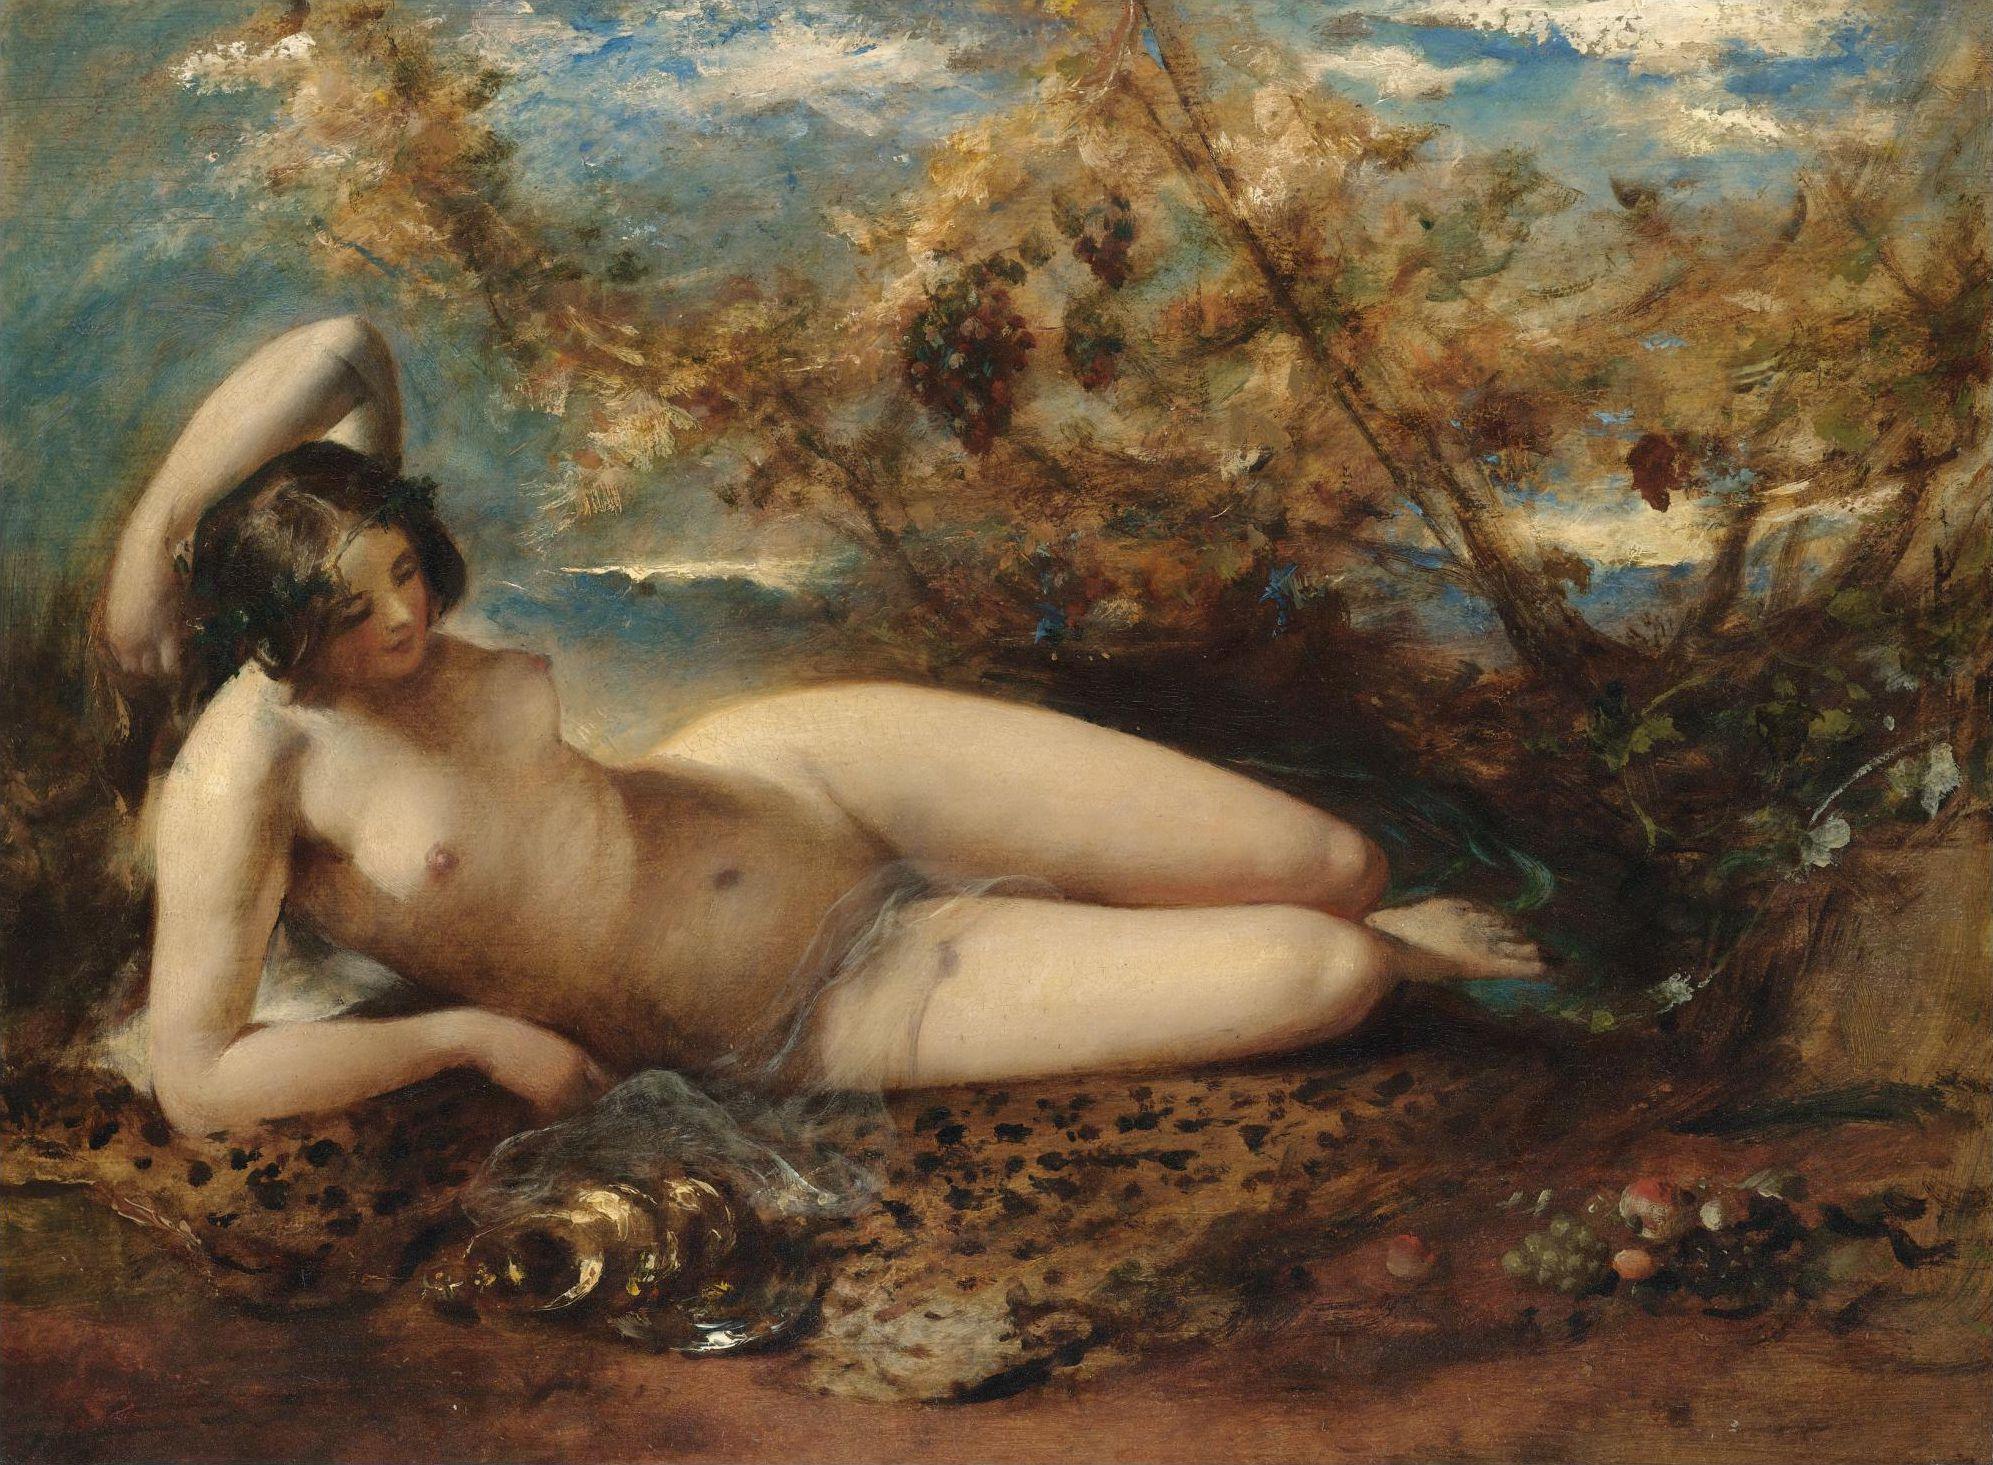 William Etty, 1787-1849. Молодая женщина, лежащая на меховой подстилке. 58.7 х 74.5 см. частная коллекция